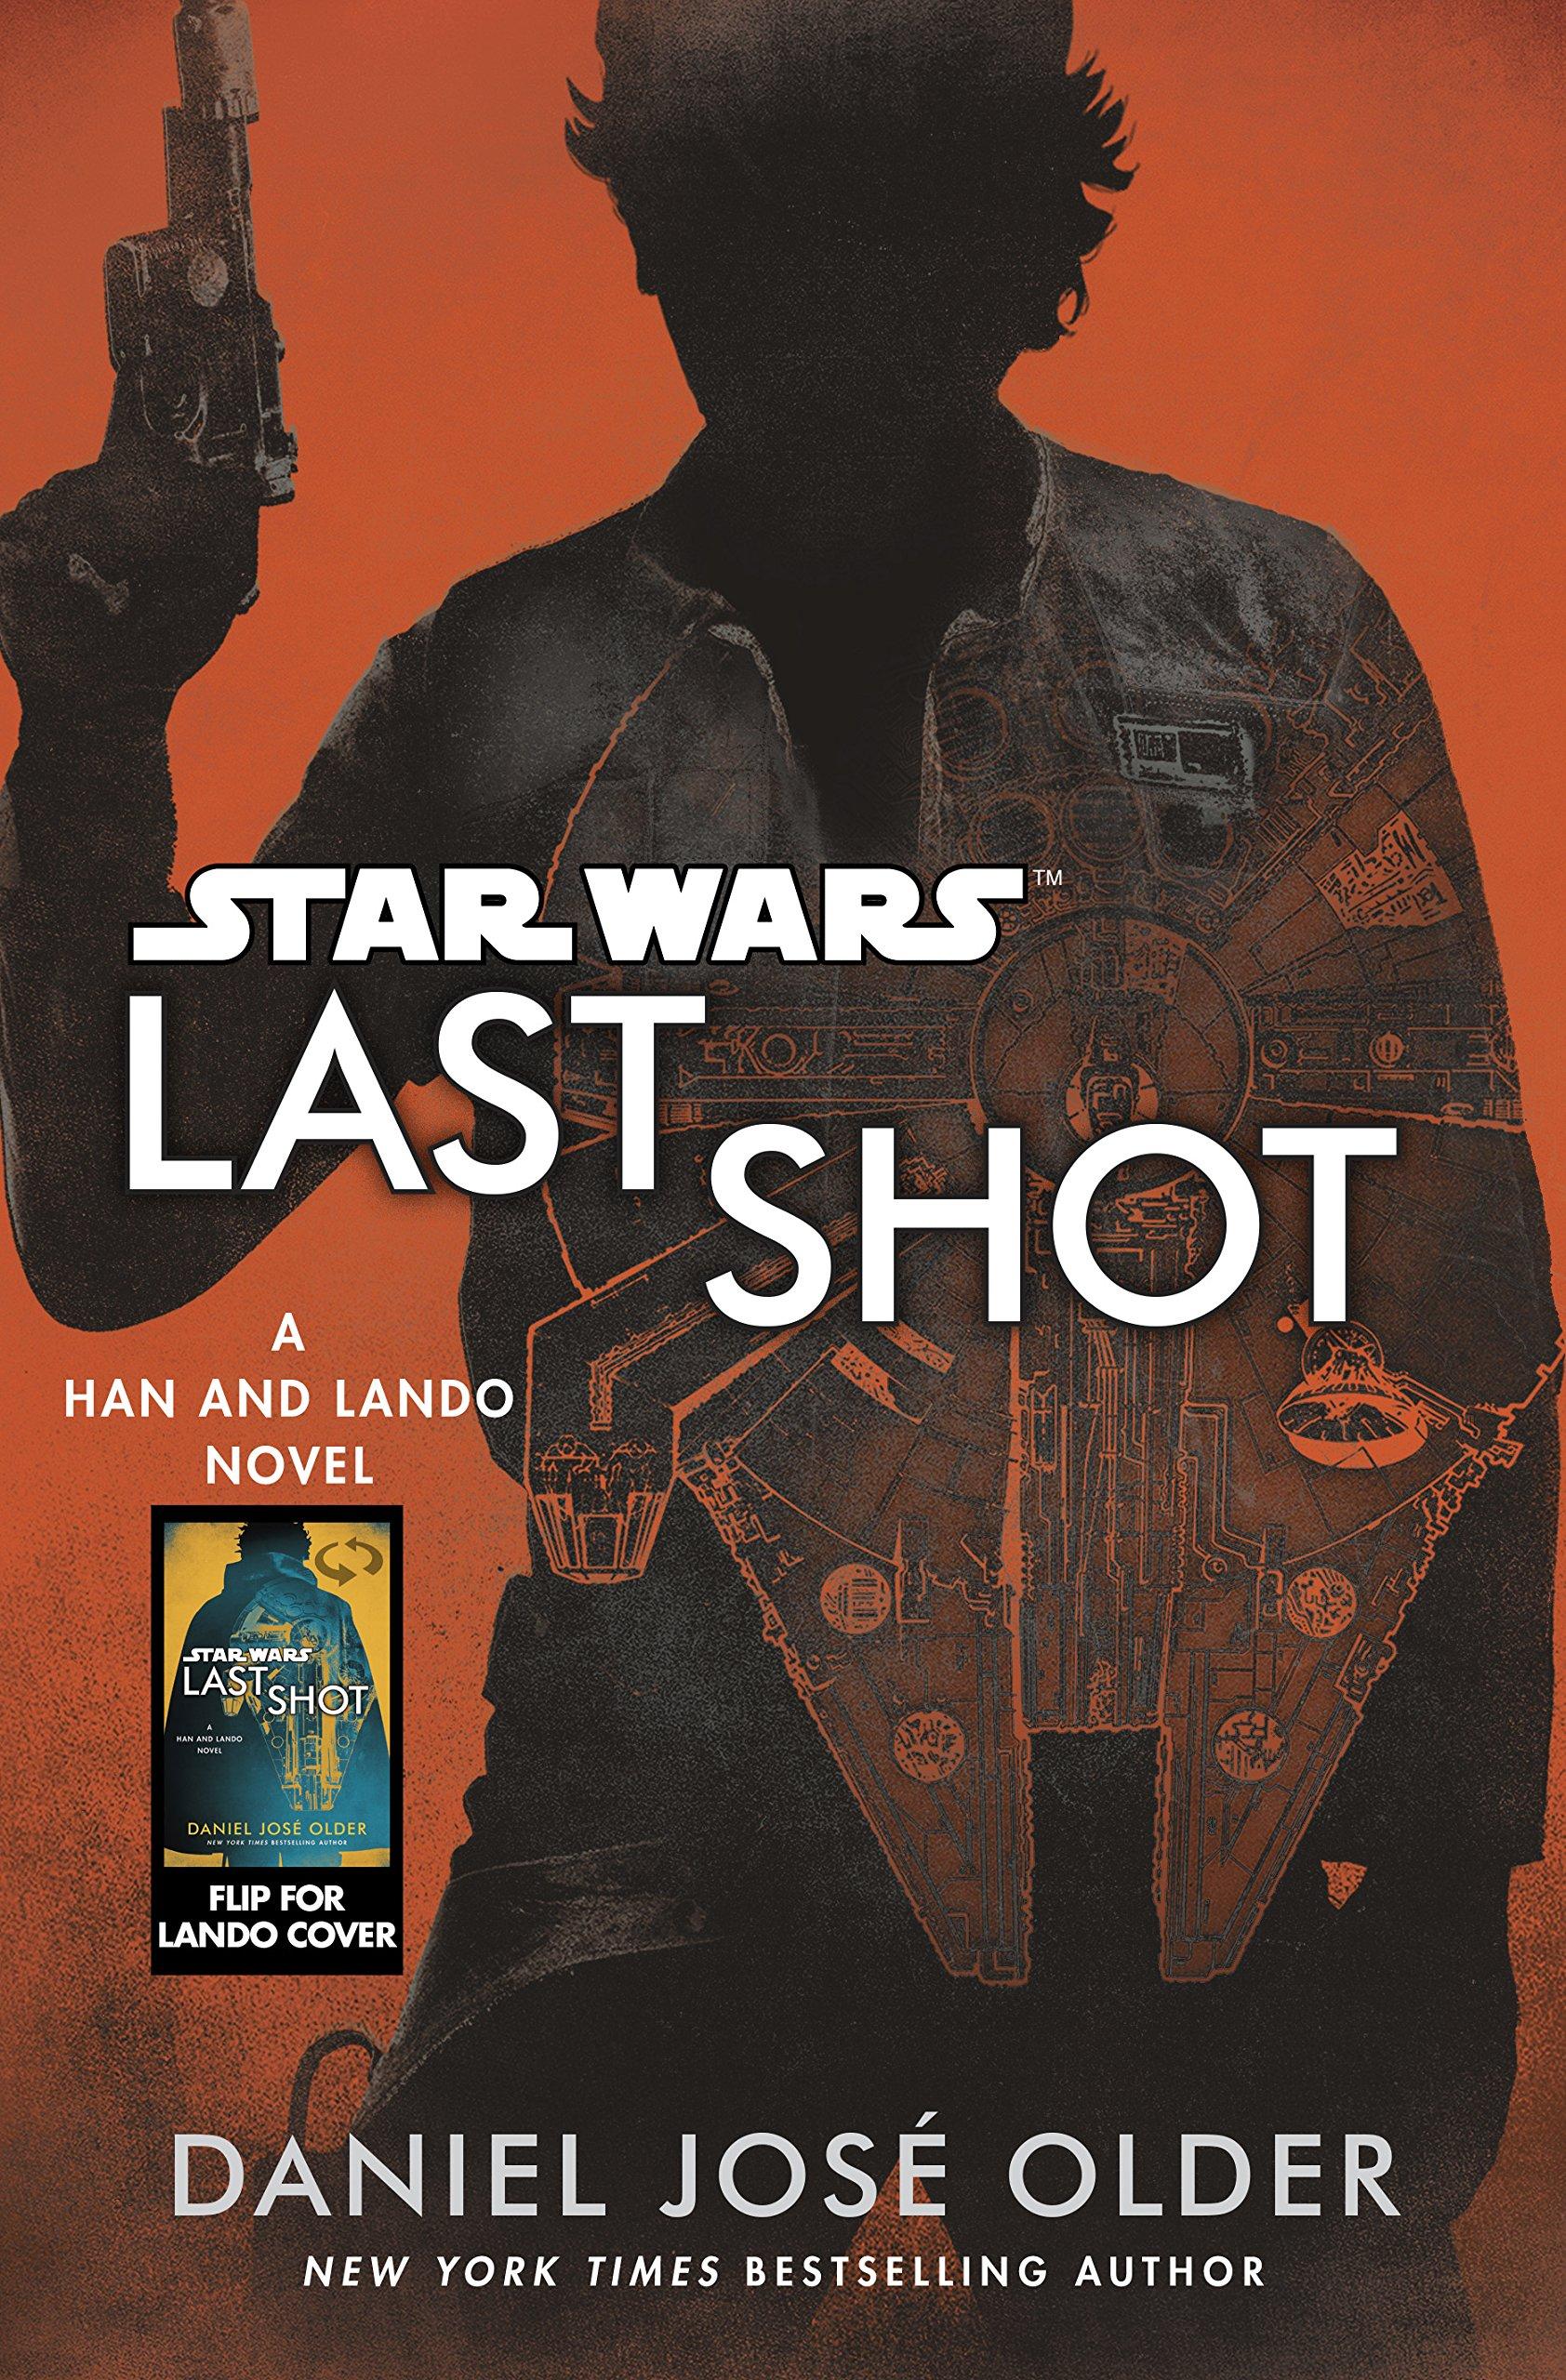 Star wars novels torrent